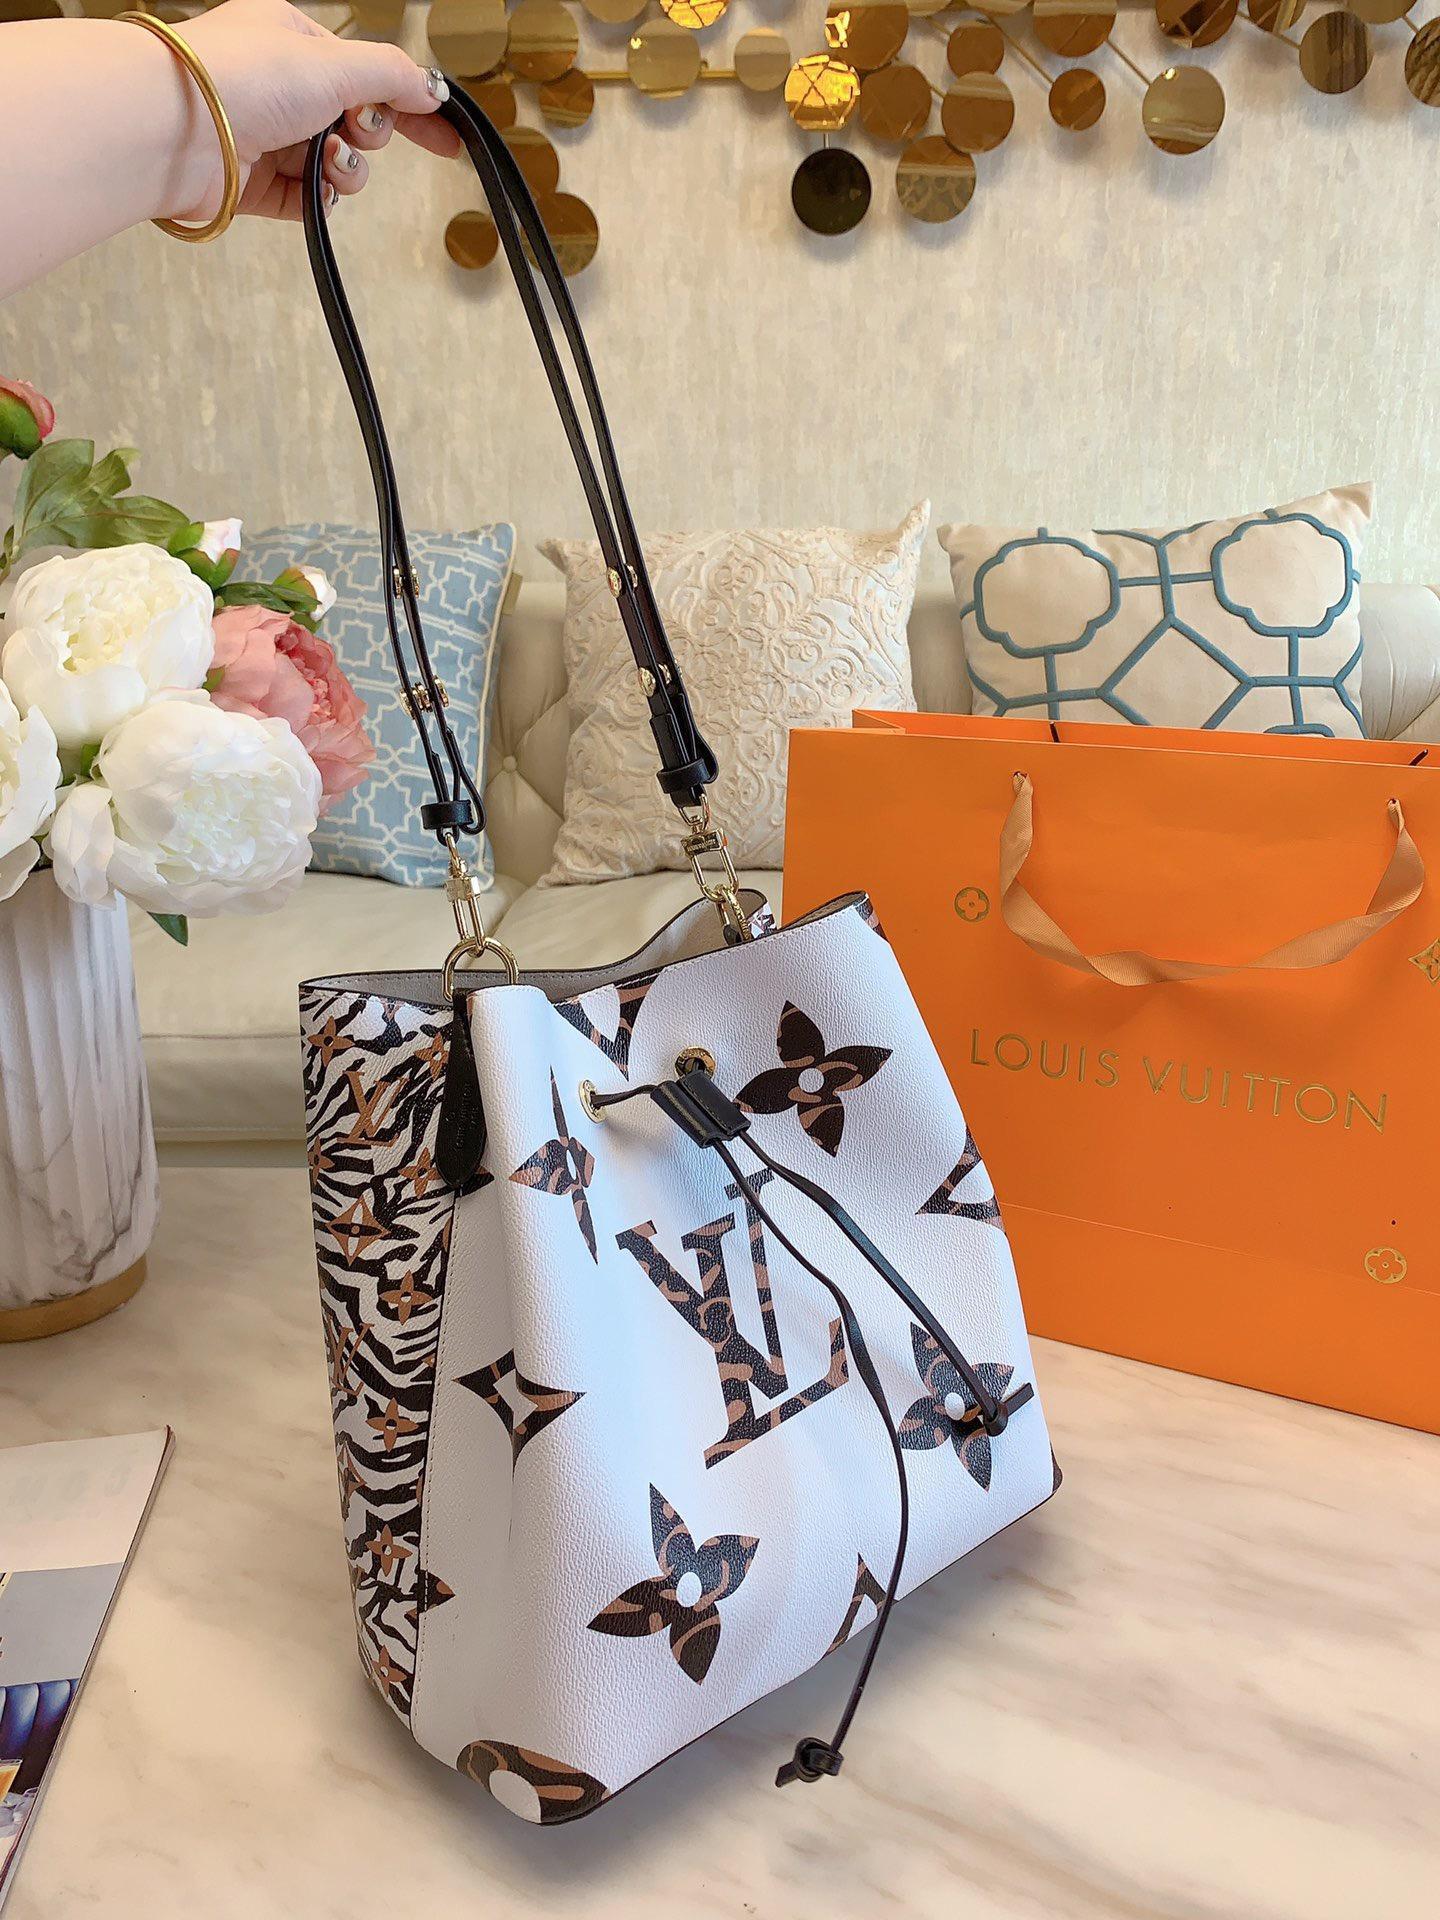 Kadınların Orignal deri moda bayan omuz çantası Bez çanta tasarımcısı presbiyopik çanta messenger çanta L7 005 için Tasarımcı Kepçe çanta